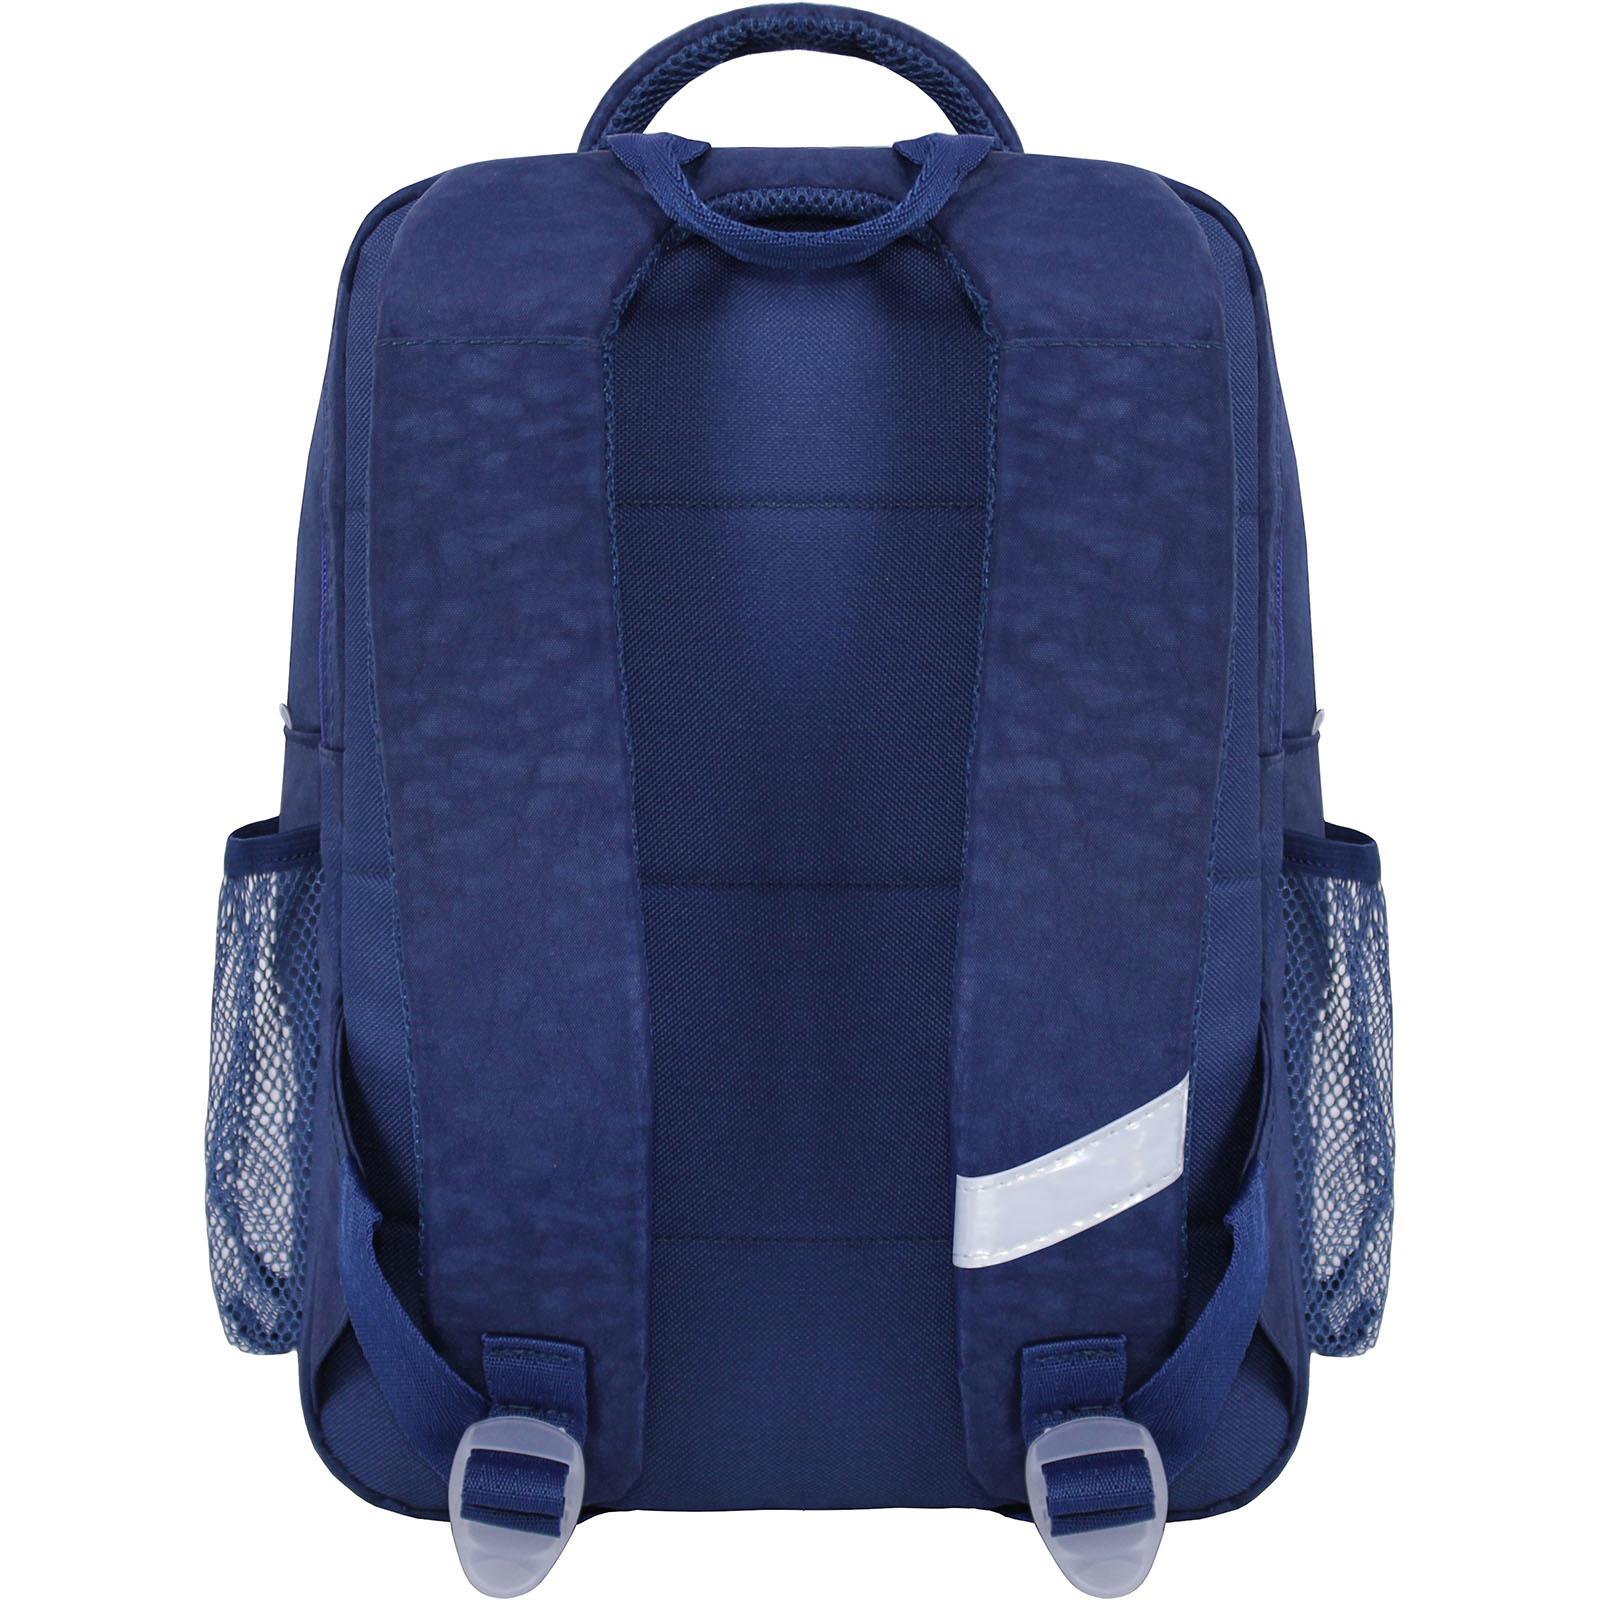 Рюкзак школьный Bagland Школьник 8 л. 225 синий 555 (00112702) фото 3